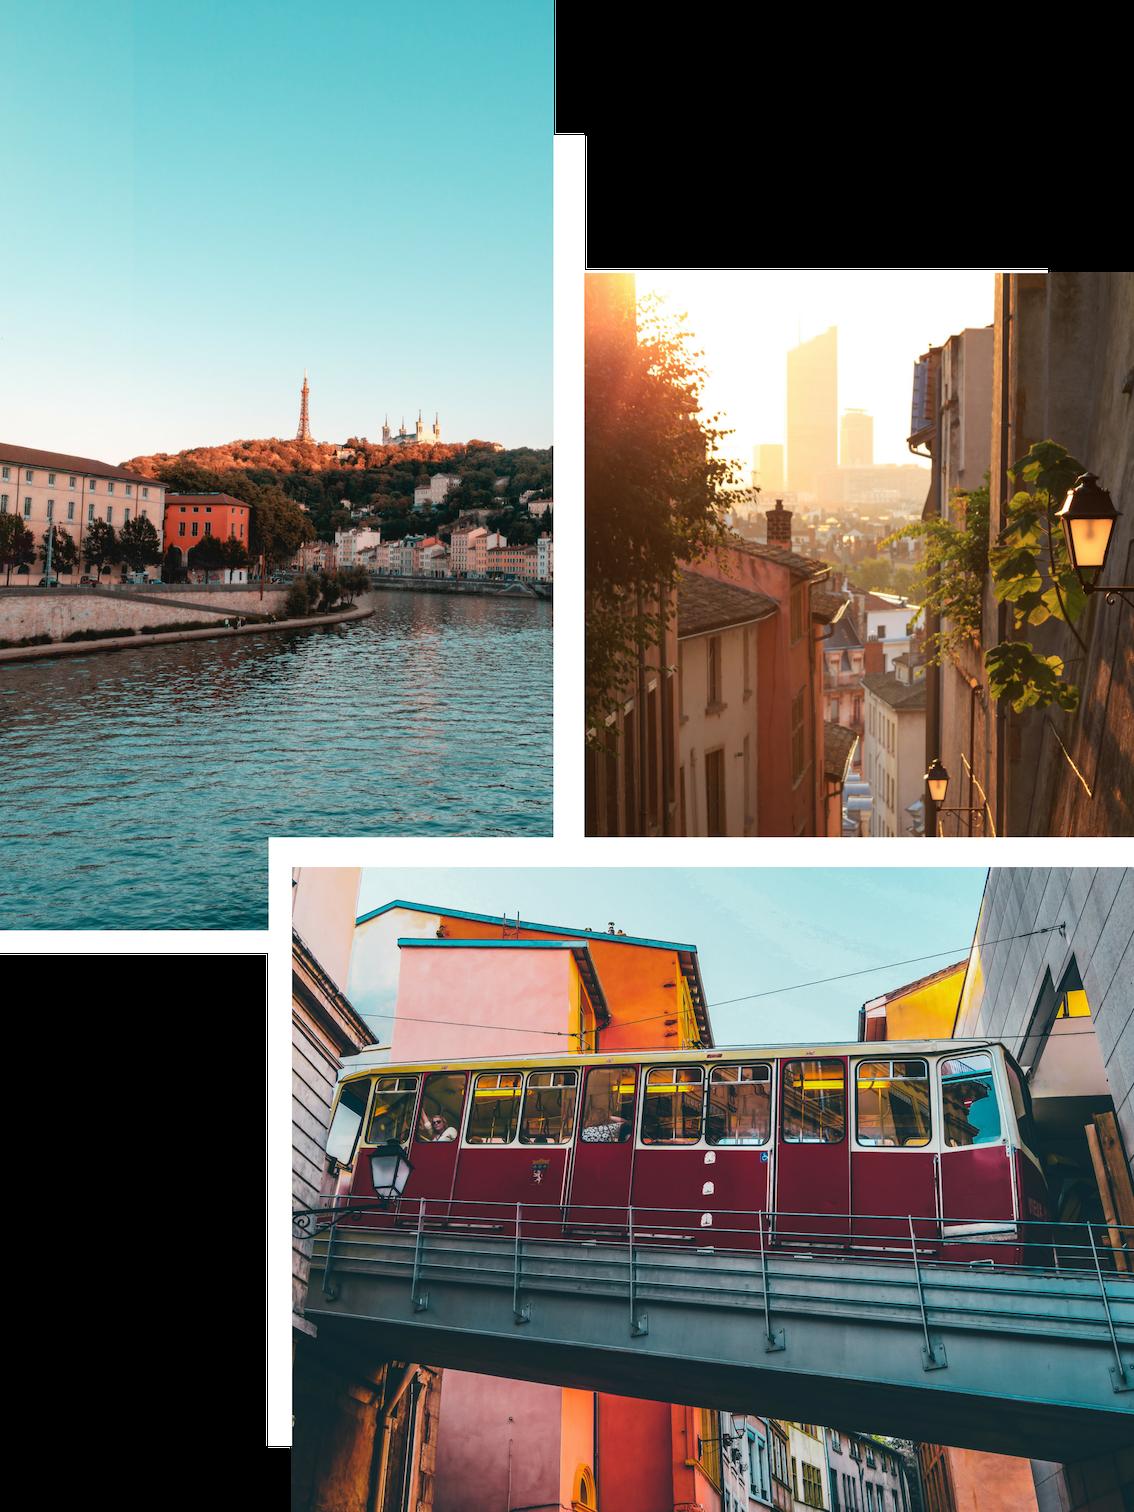 - La ville de Lyon et ses jolies rues colorées sont particulièrement propices à une balade. Ponts, fleuves, collines, parcs font de la belle lyonnaise une ville pleine de charme.Se promener dans le vieux quartier, c'est flâner à travers le temps depuis sa fondation en 43 avant J.-C.C'est à travers cette histoire exceptionnelle et cette géographie pleine de reliefs que nous vous proposons un shooting photo lifestyle, inoubliable. On vous embarque à la découverte des plus beaux spots de shooting photo de Lyon !